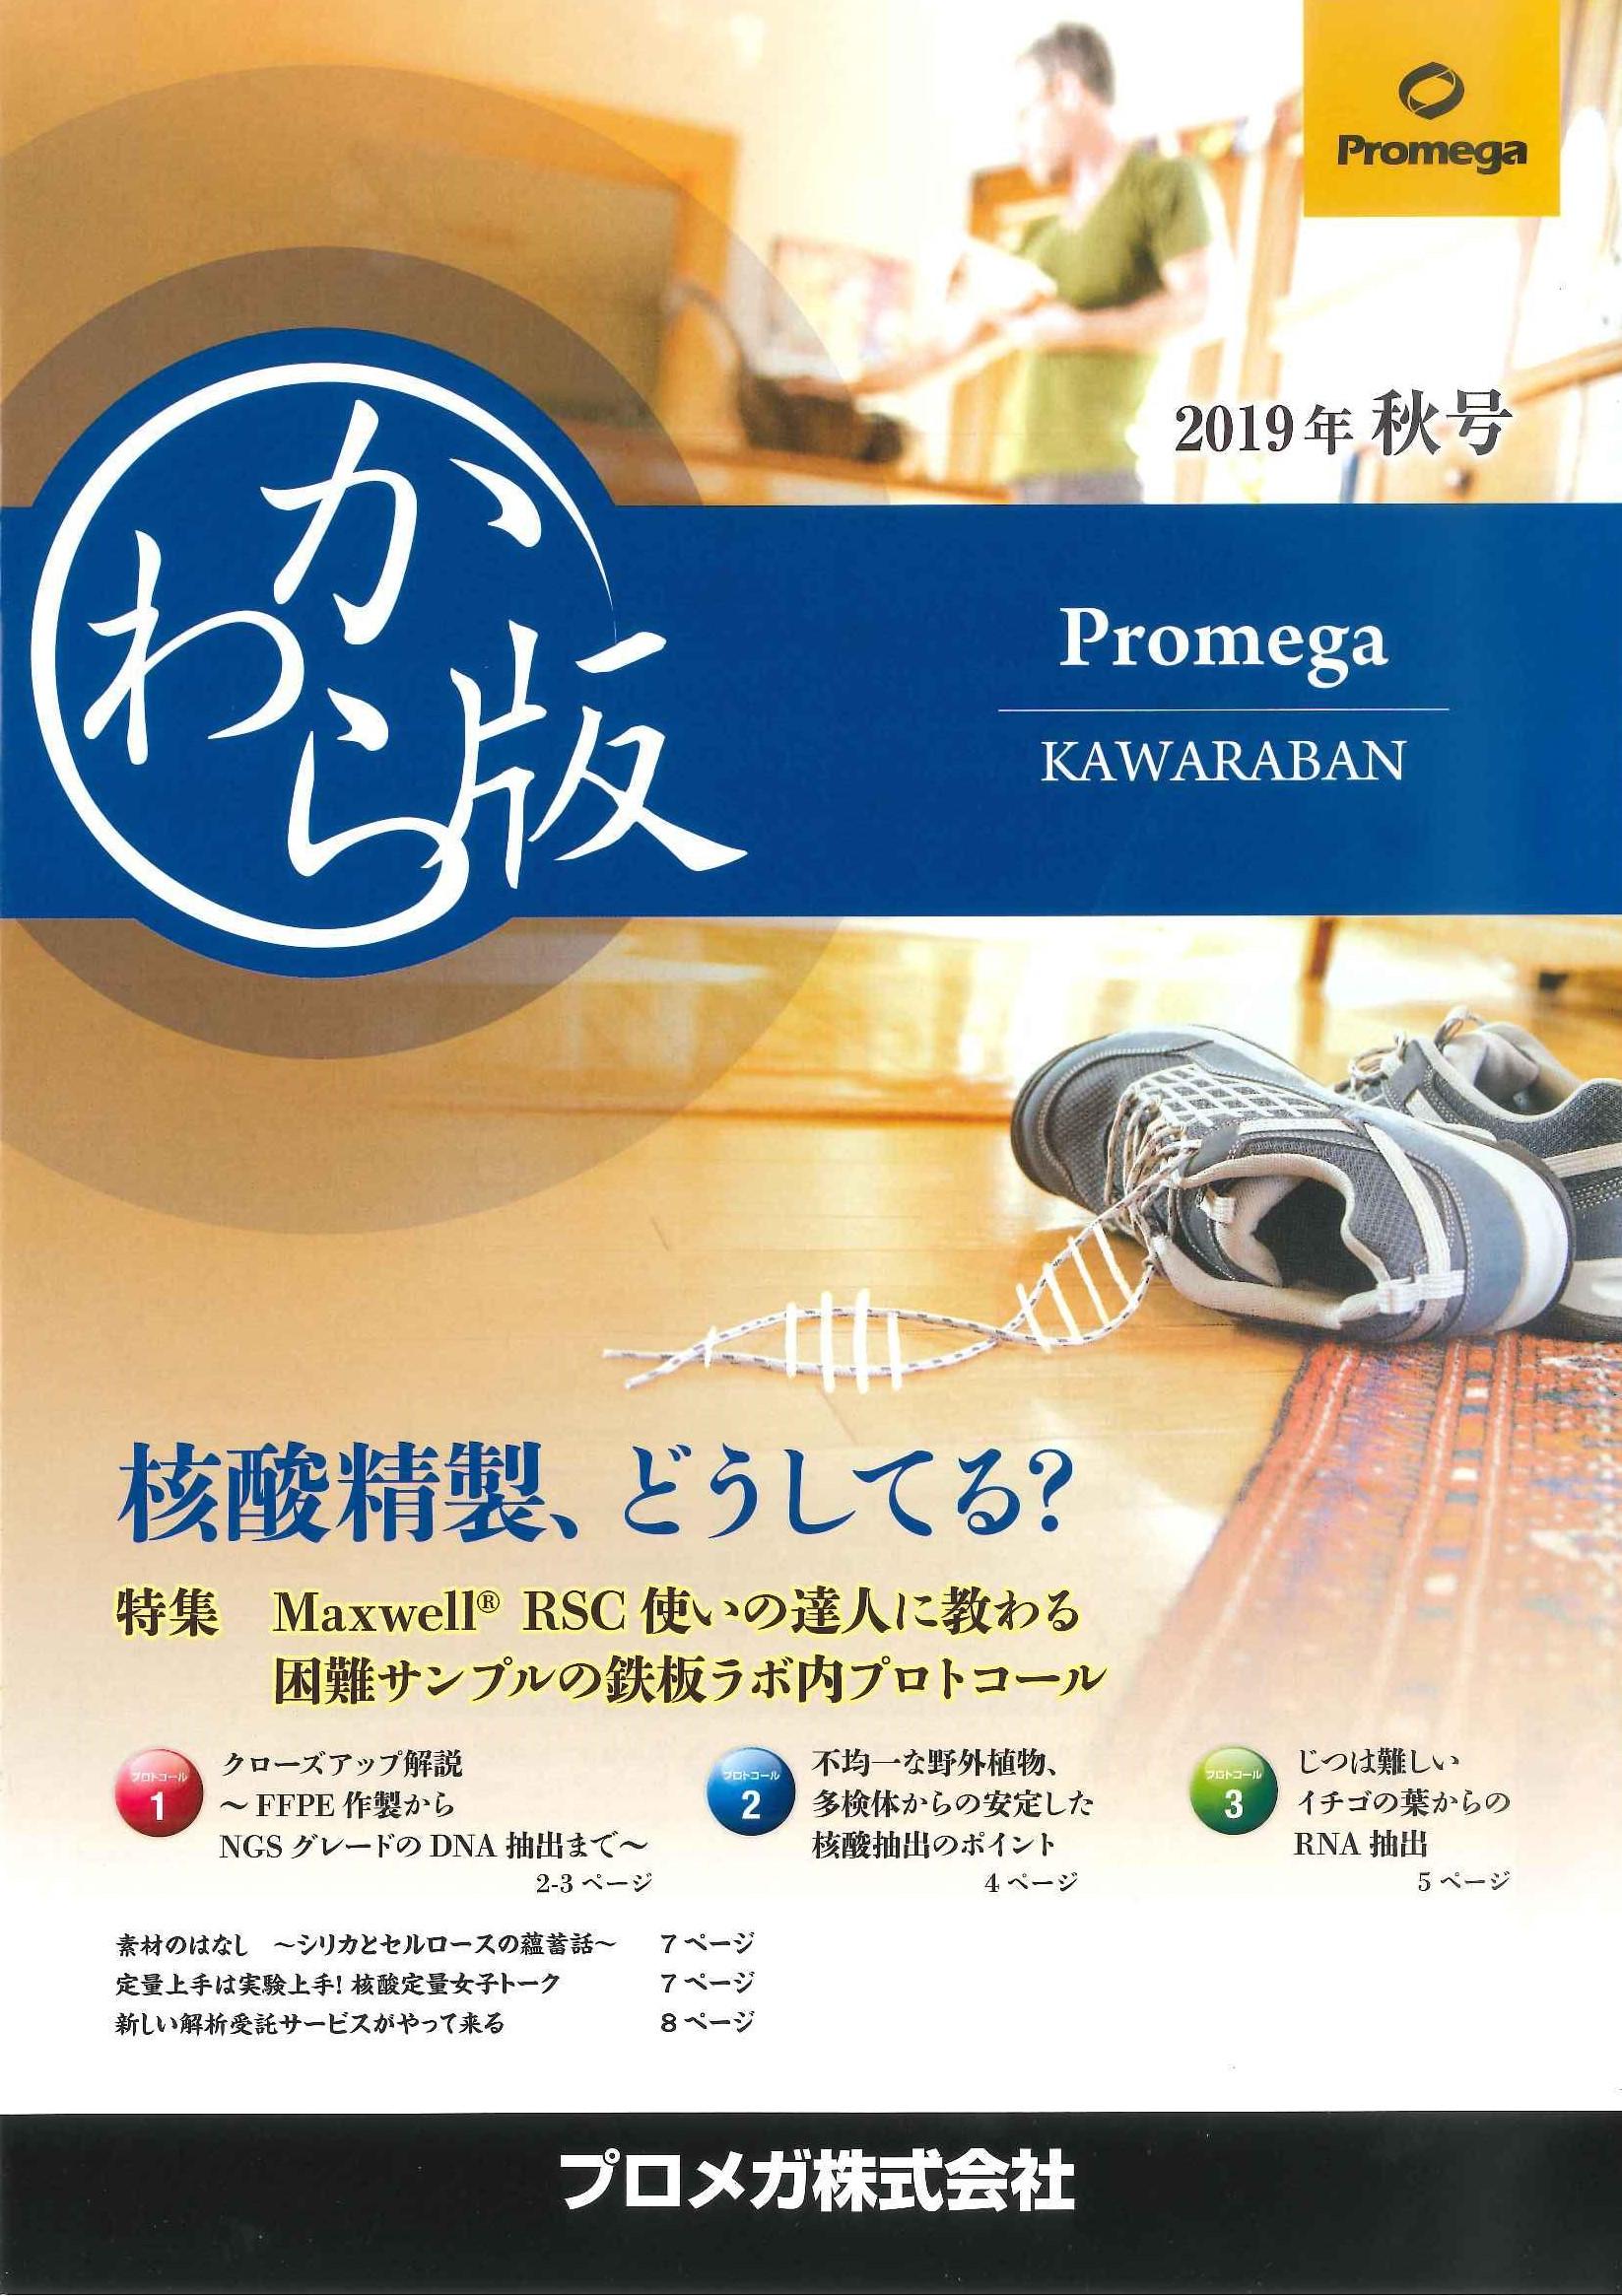 かわら版 2019年秋号【プロメガ 】